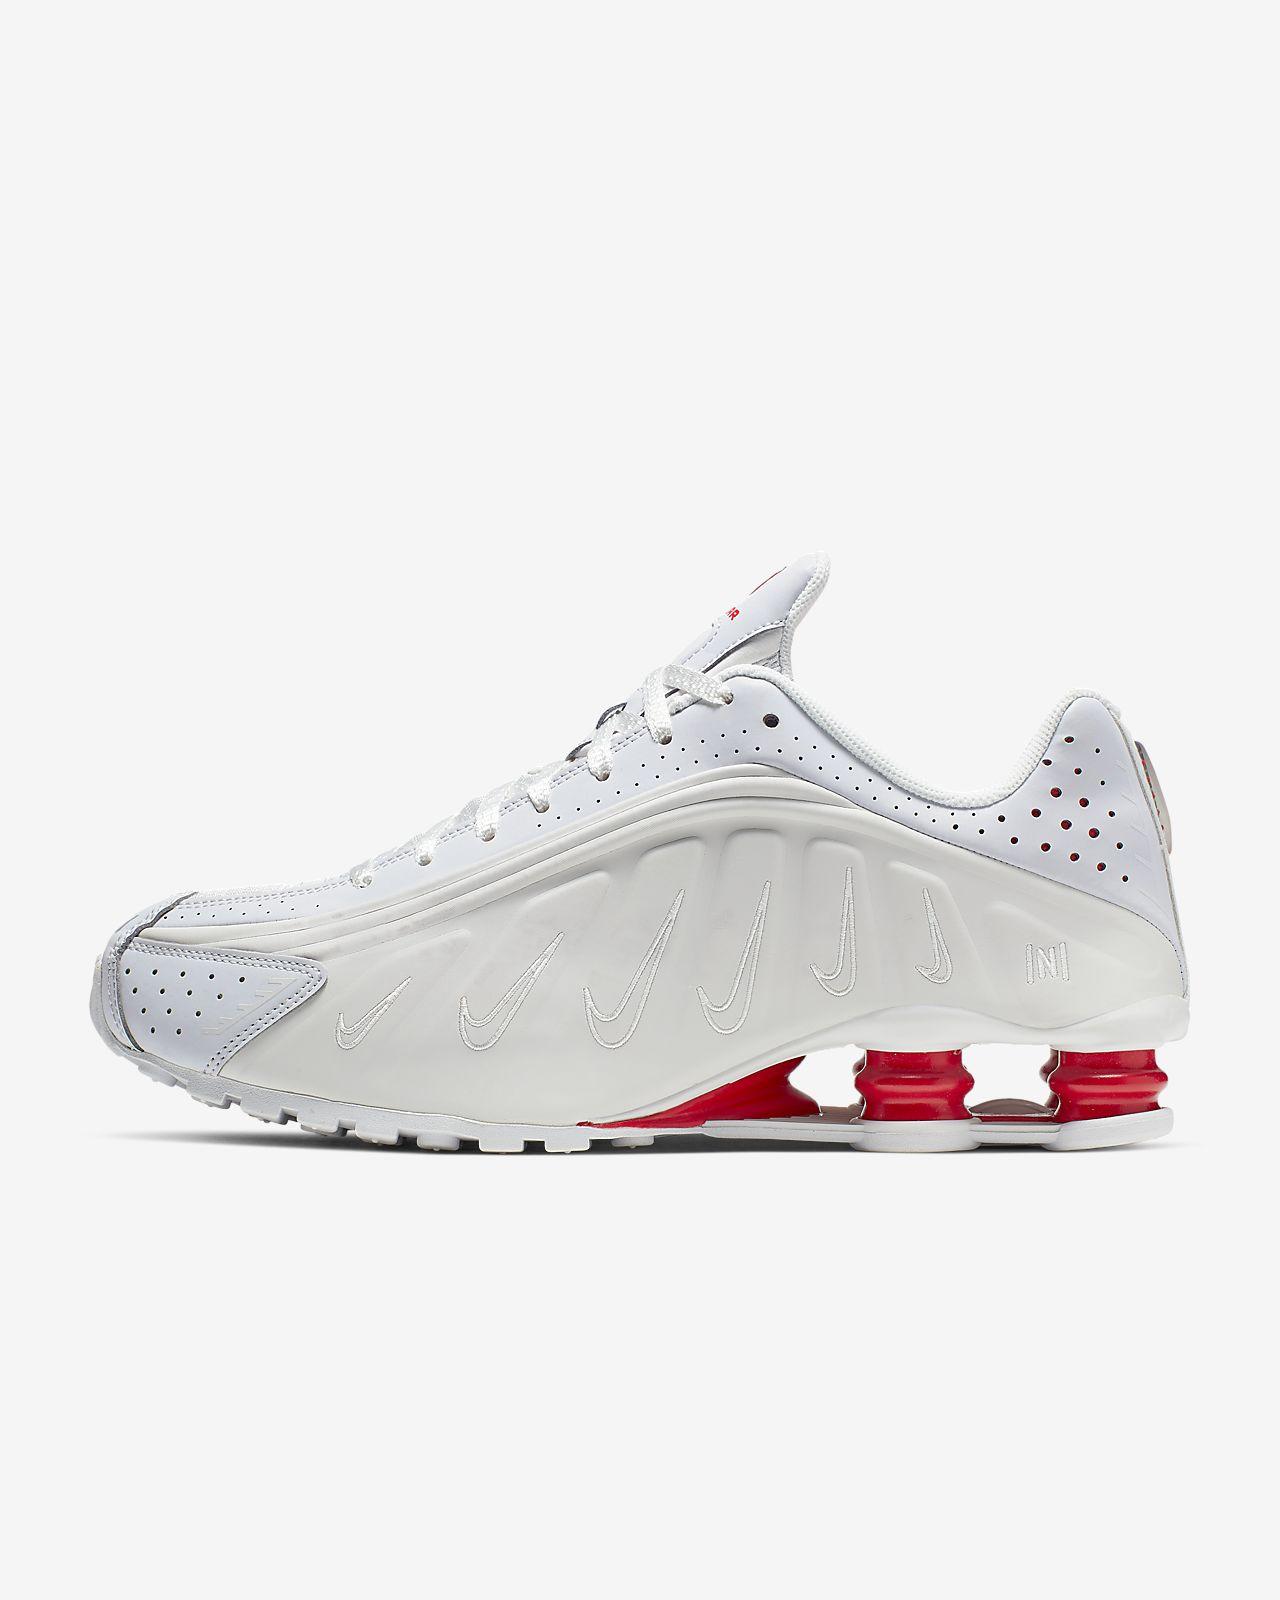 Nike Shox R4 Neymar Jr. Ayakkabı